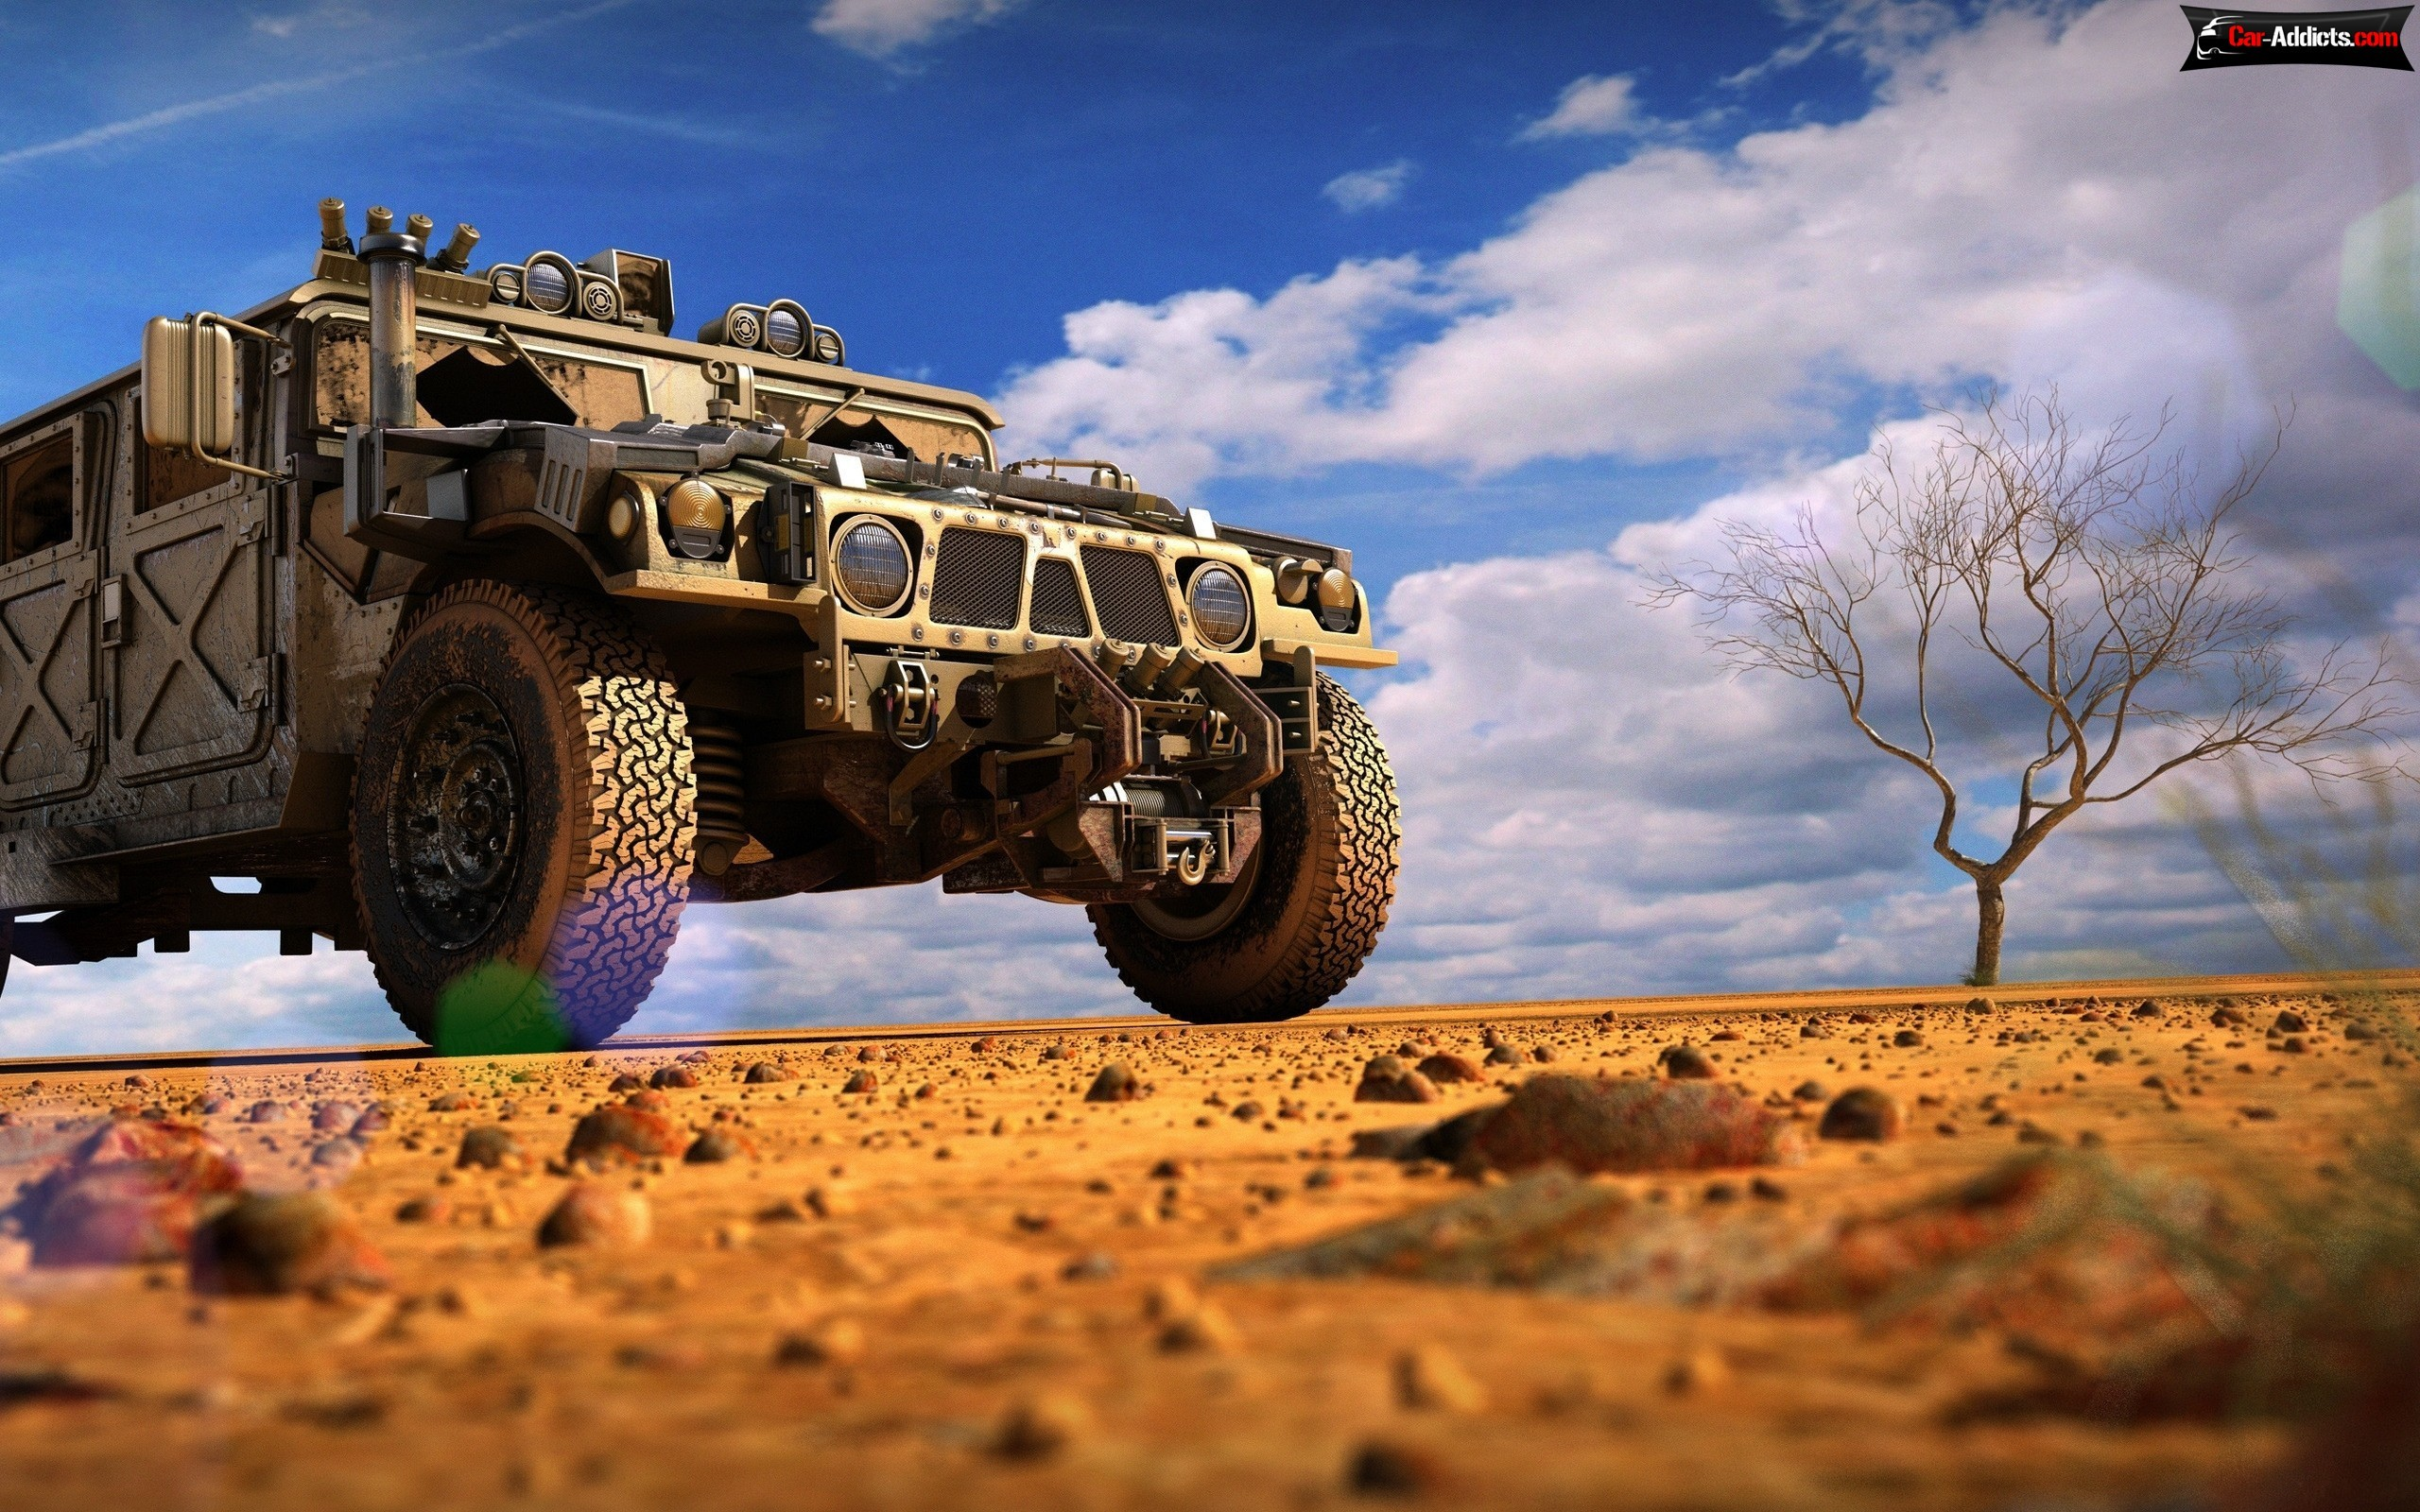 Res: 2560x1600, Hummer_H3_desert_widescreen_wallpaper. Hummer_H3_Moab_HD-wallpaper.  Hummer_military_army_desert